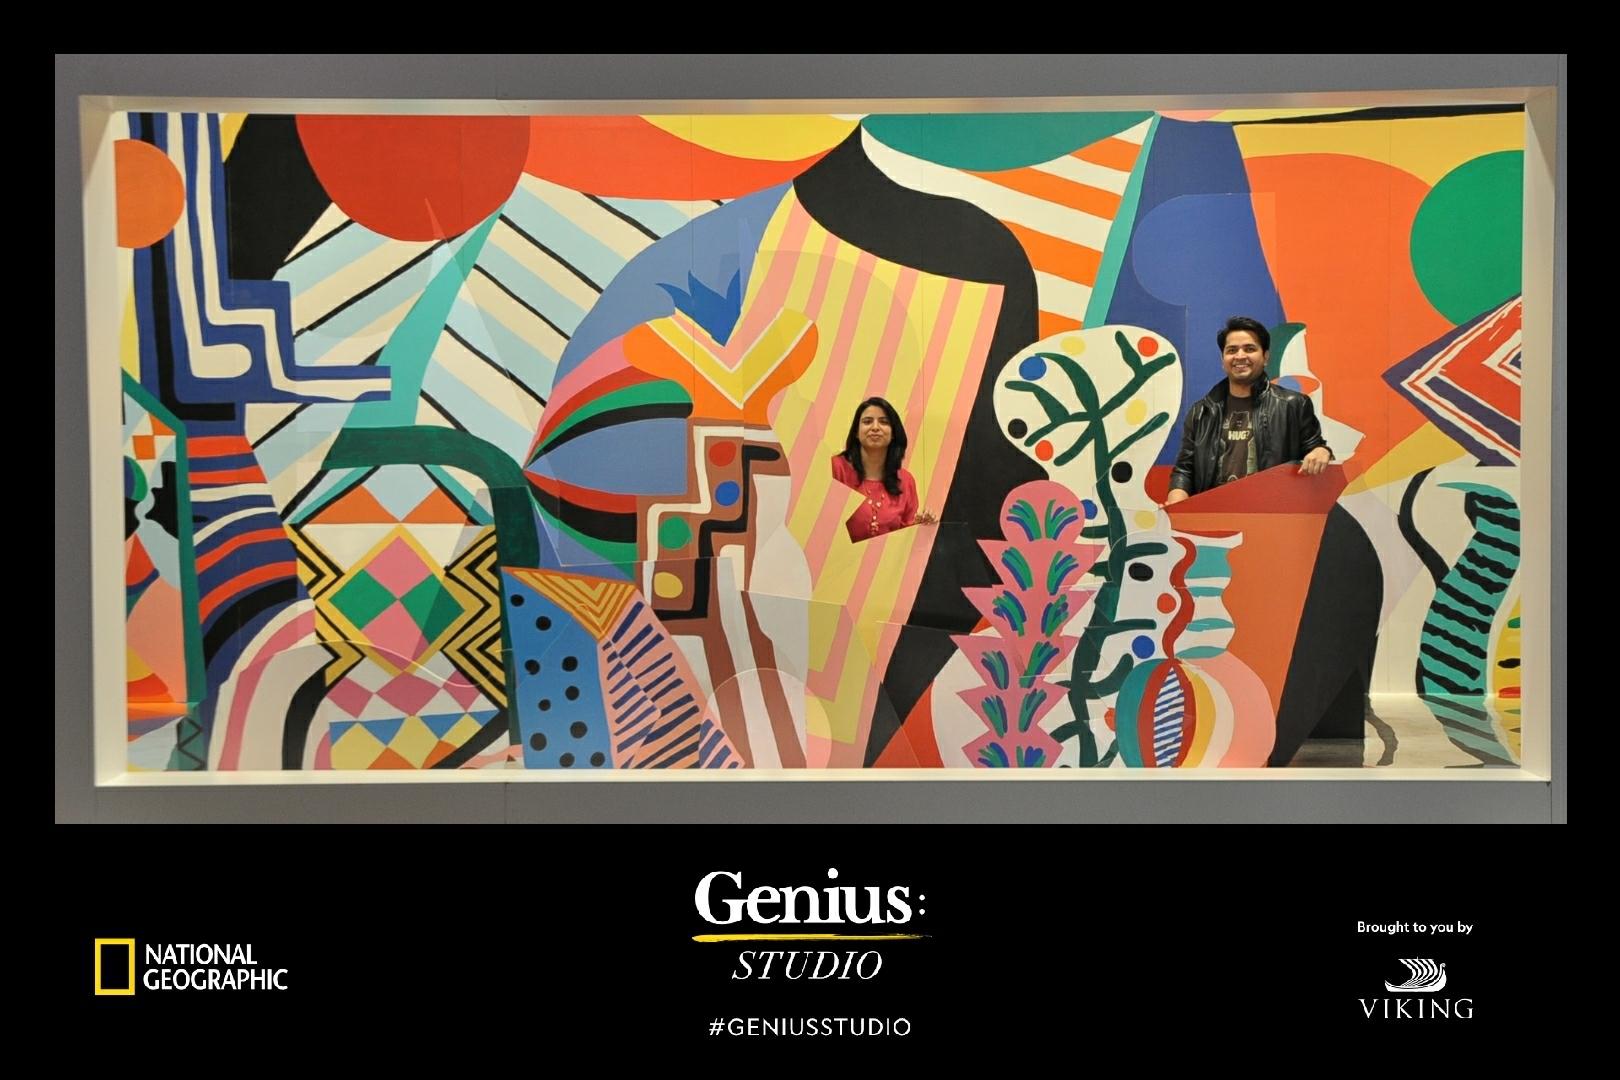 Genius_1.jpeg